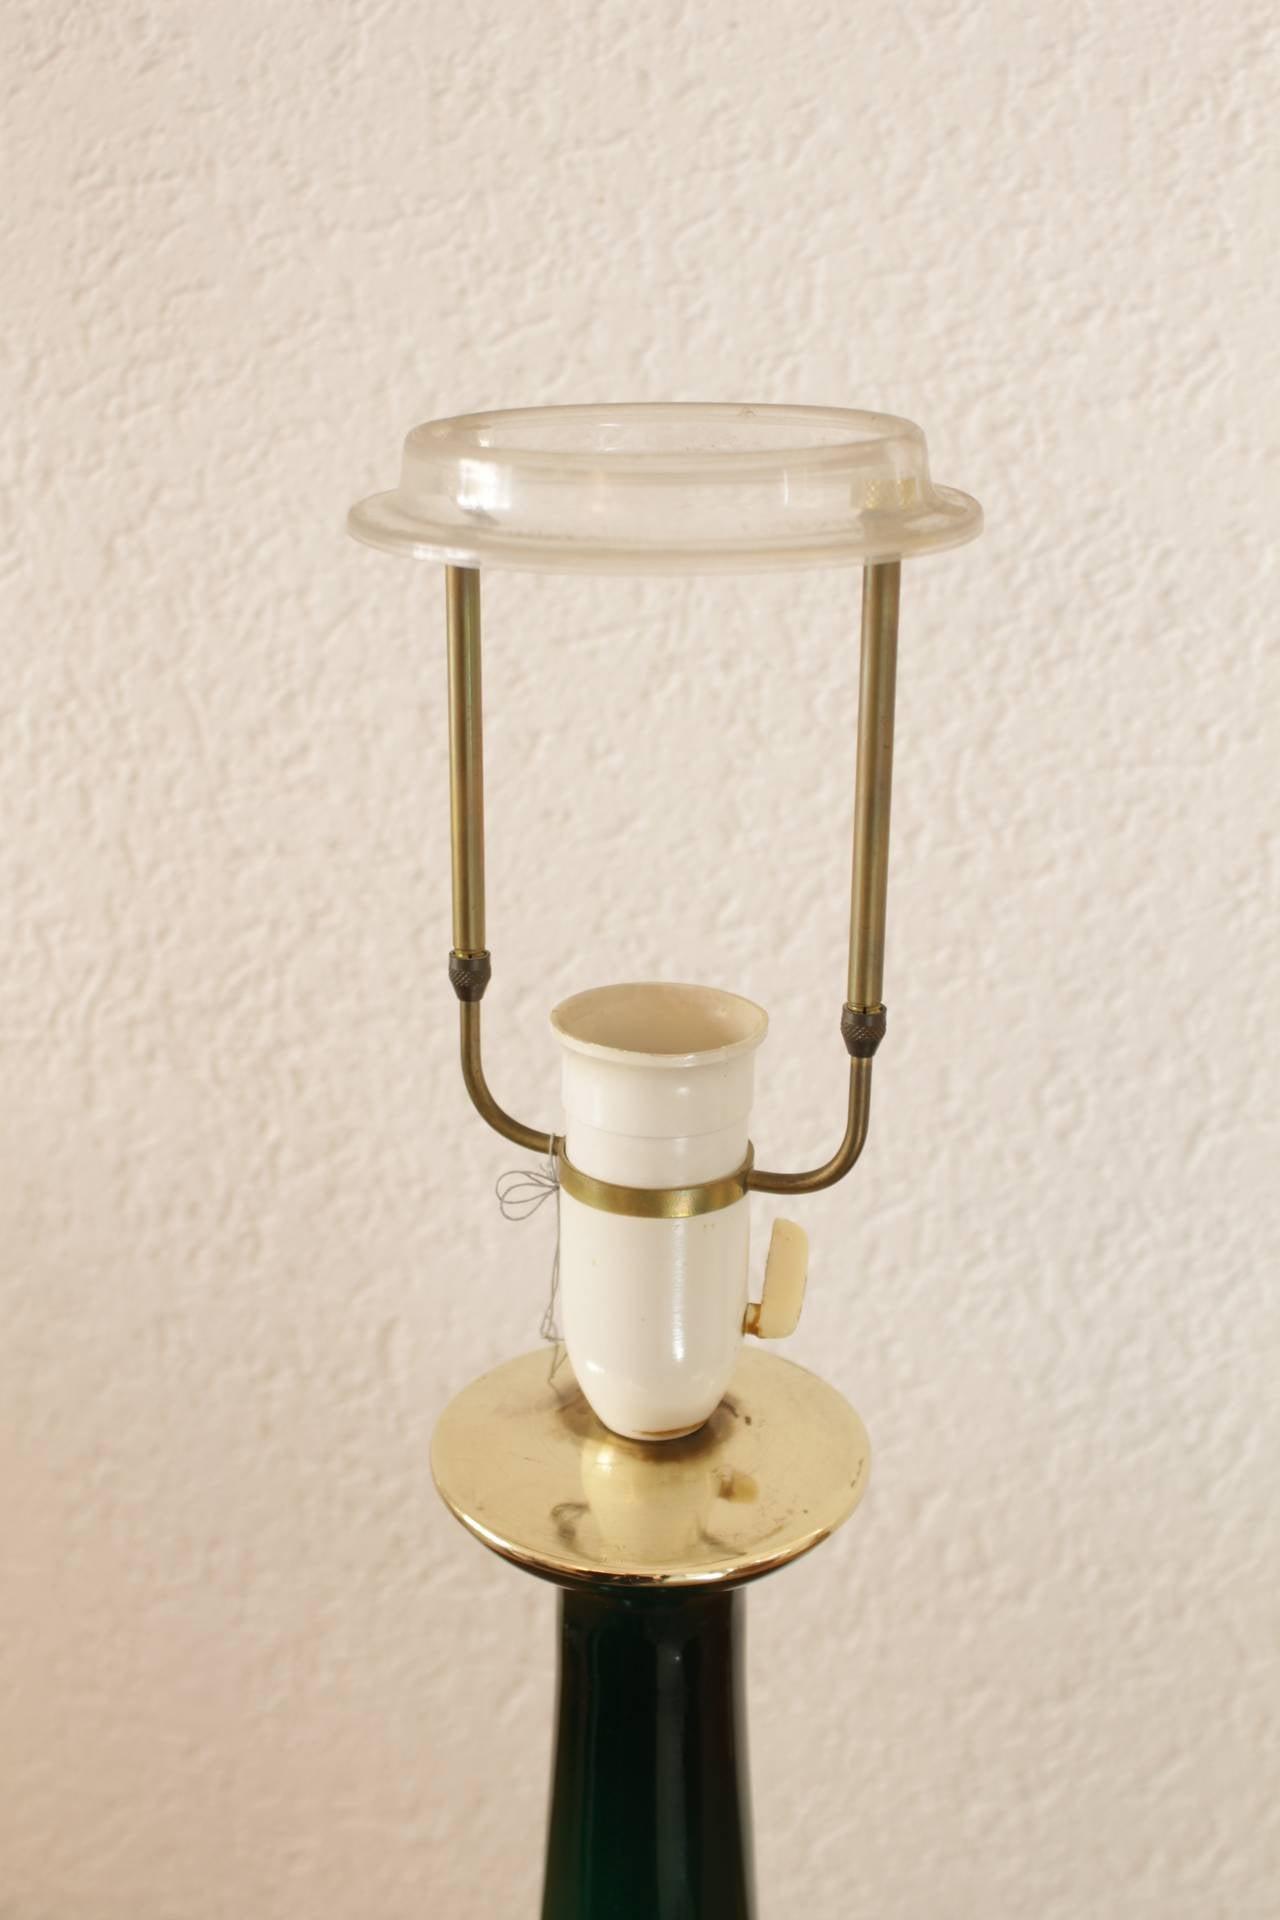 green glass bottle lamp base by holmegaard at 1stdibs. Black Bedroom Furniture Sets. Home Design Ideas